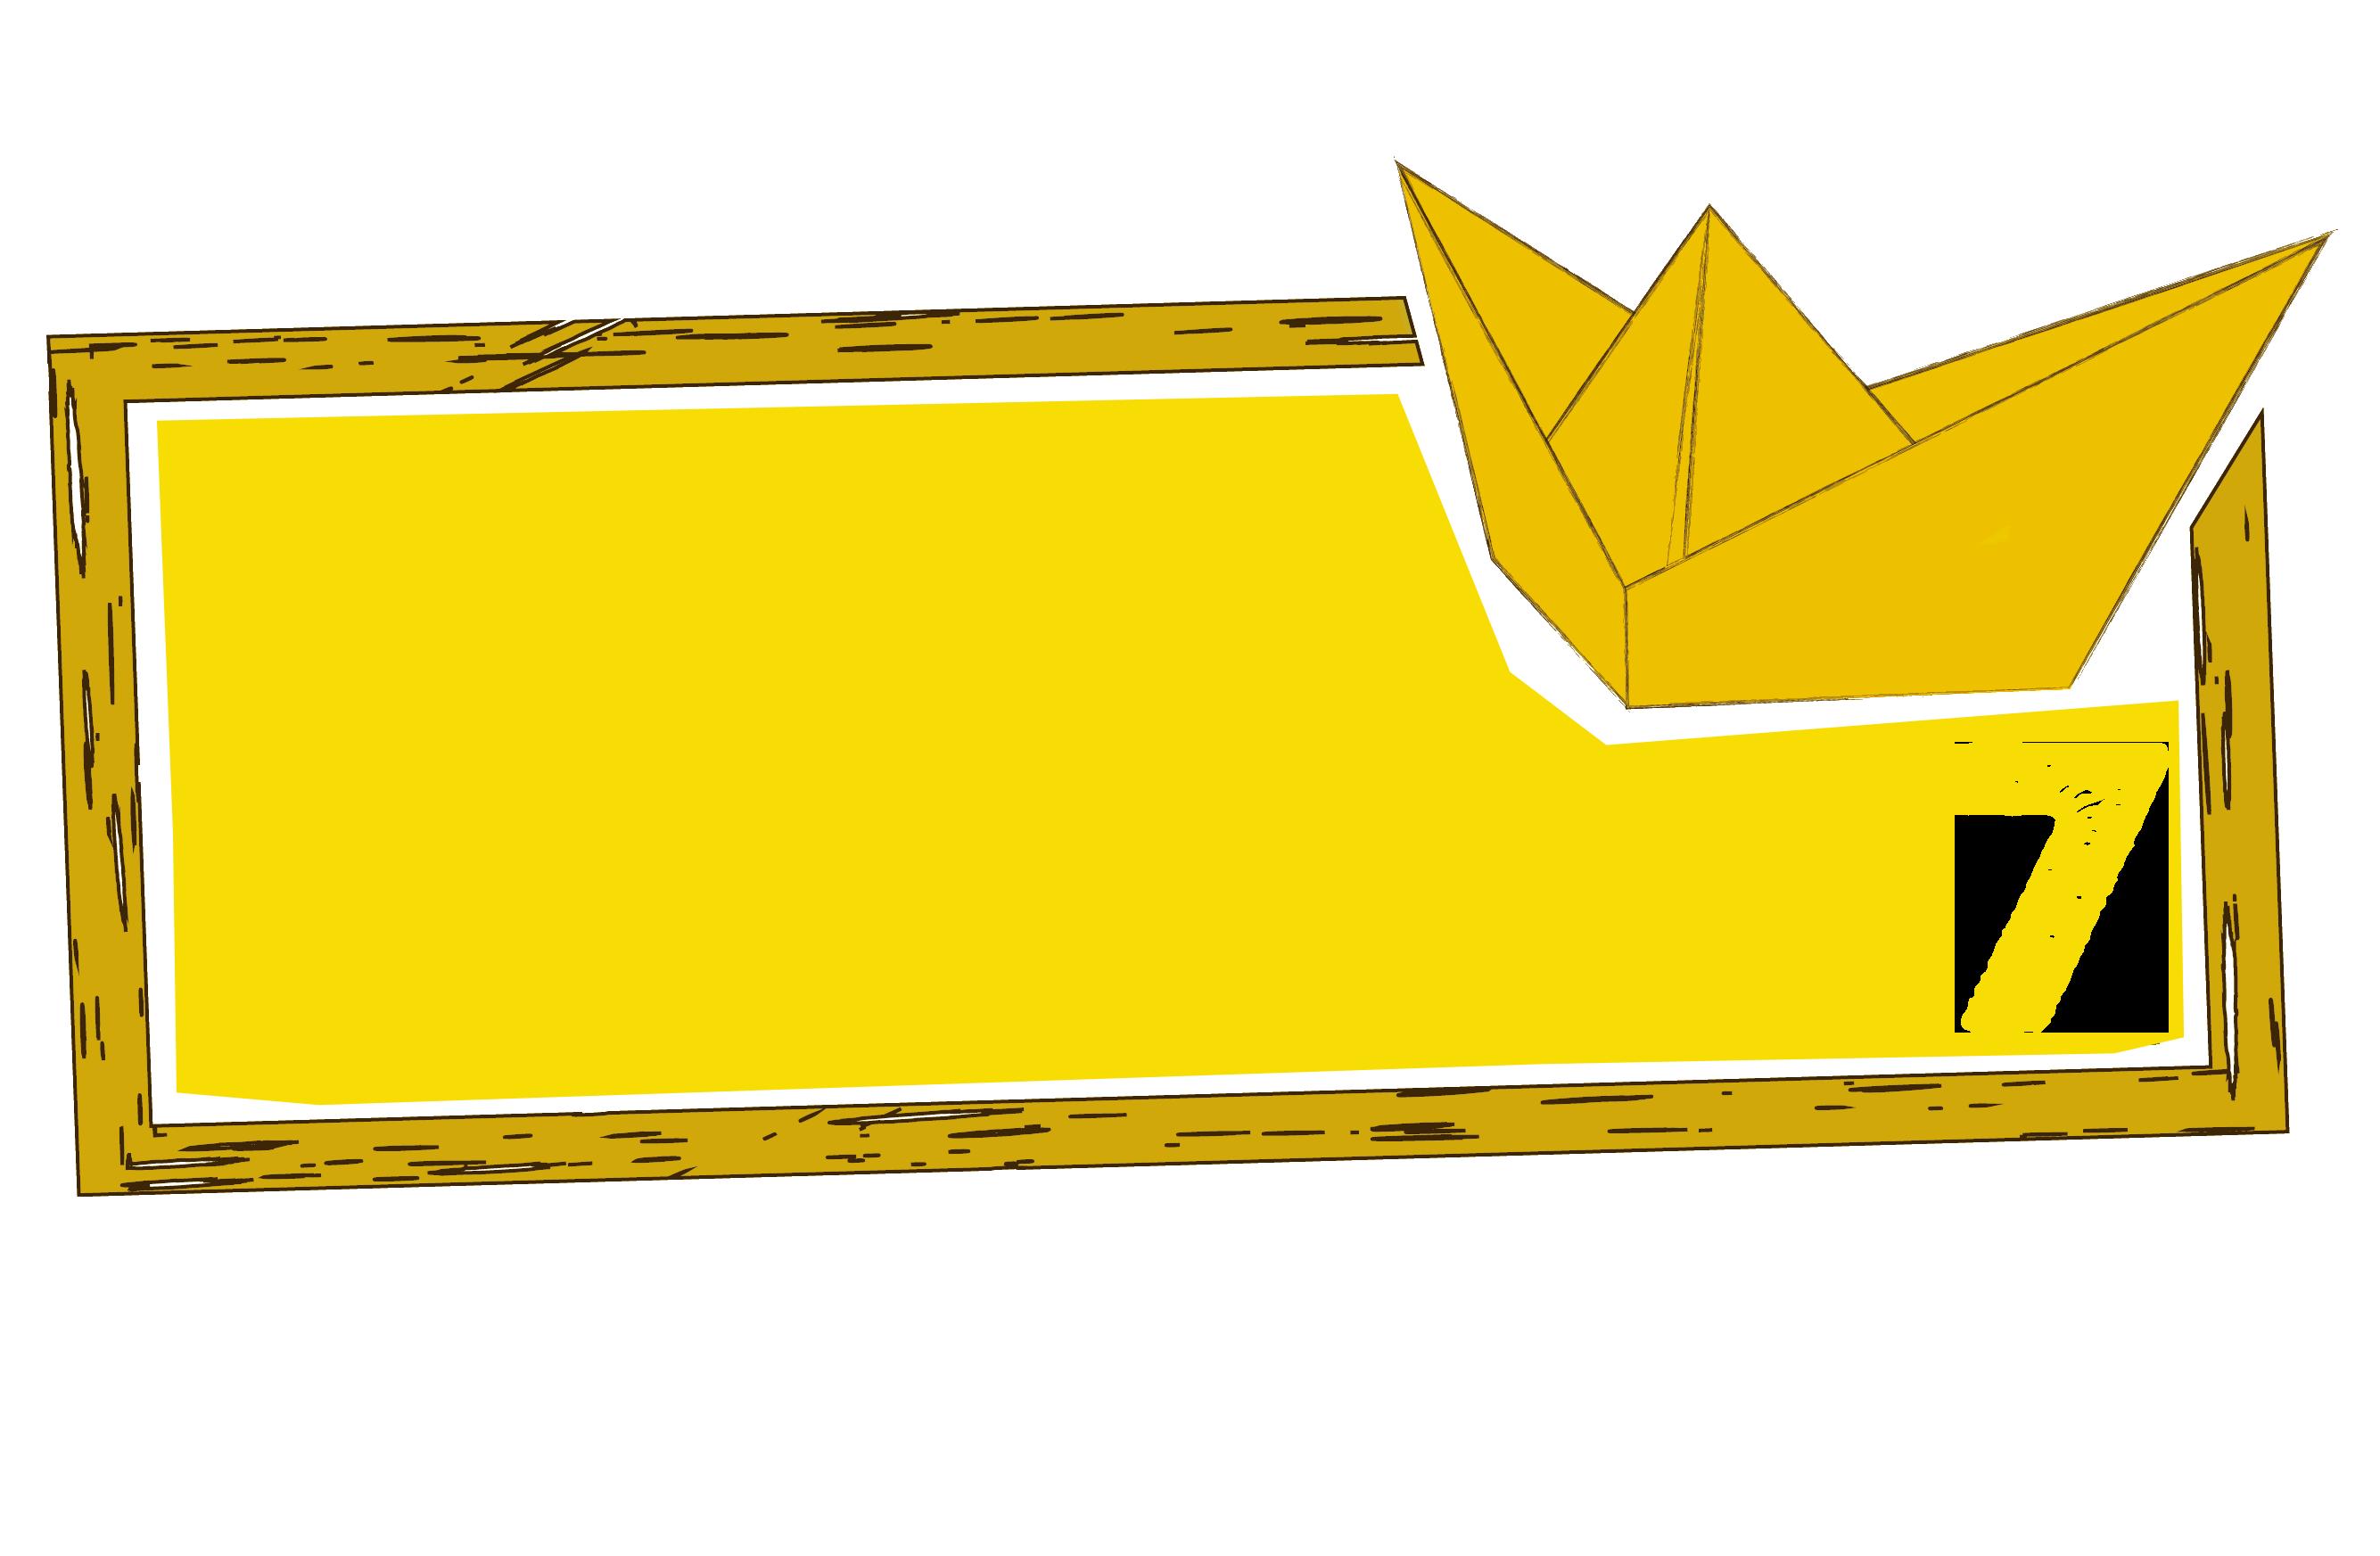 Boatmania '17